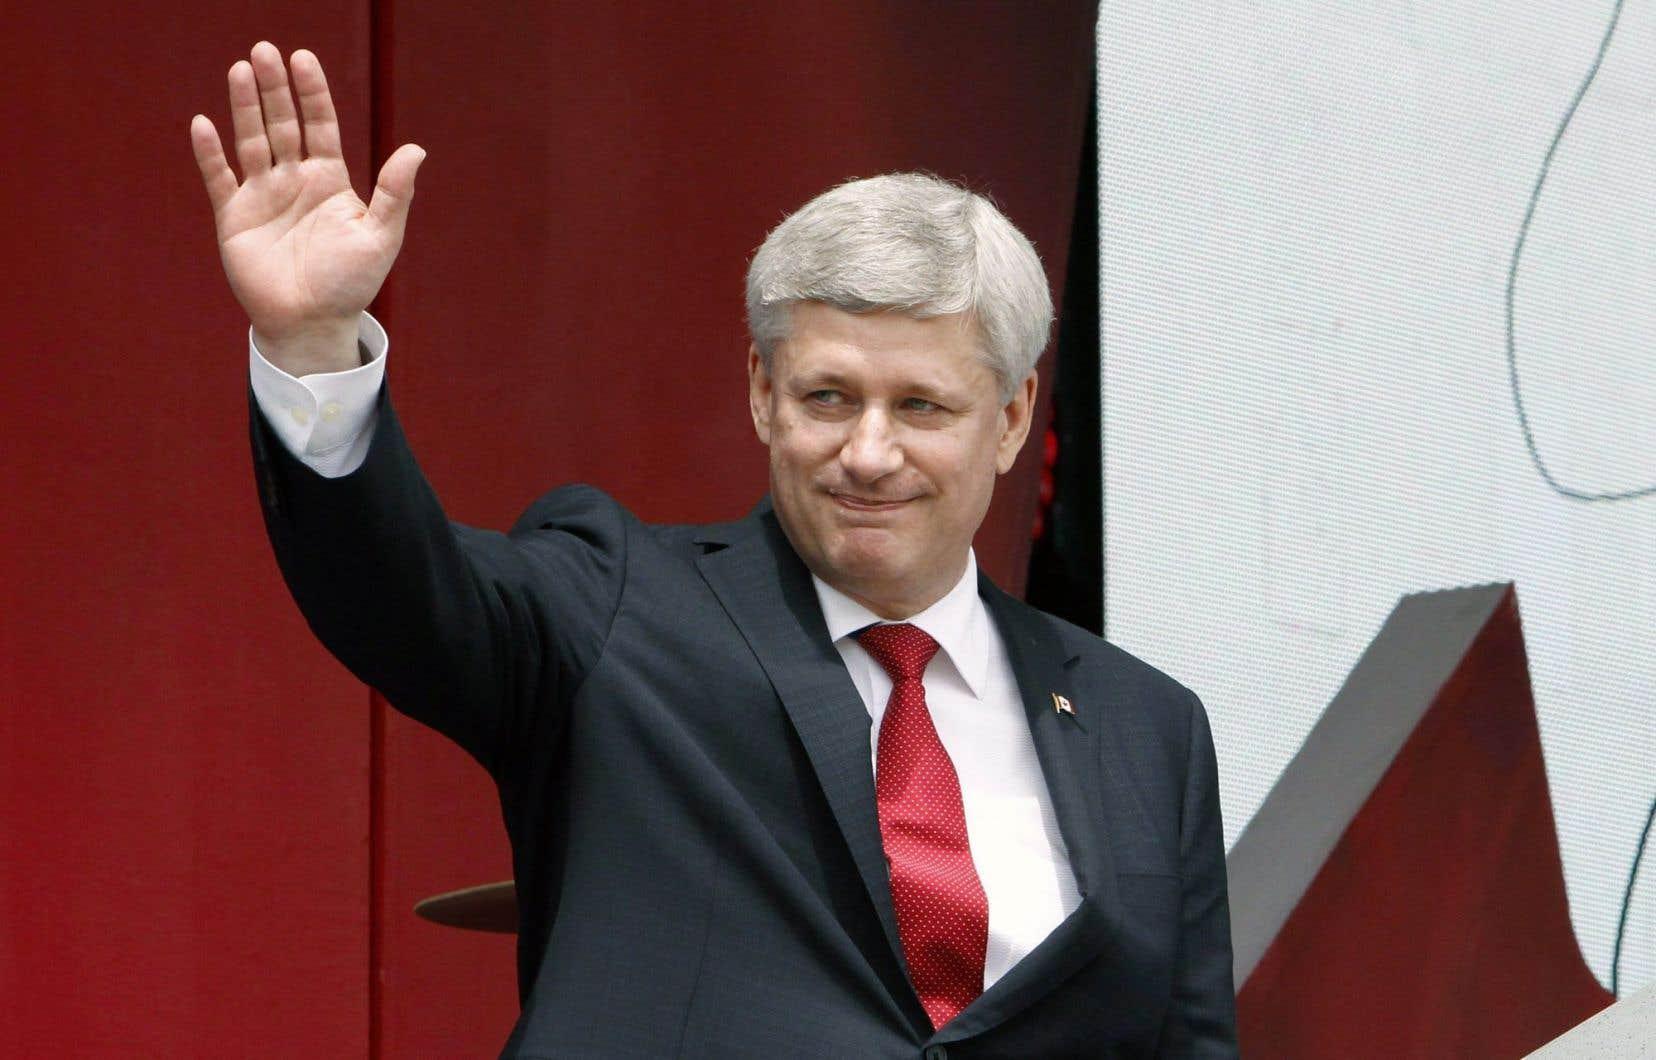 La campagne électorale qui mènera les Canadiens aux urnes le 19 octobre sera la plus longue de l'histoire. Le plafond des dépenses relevé devrait profiter aux conservateurs de Stephen Harper.